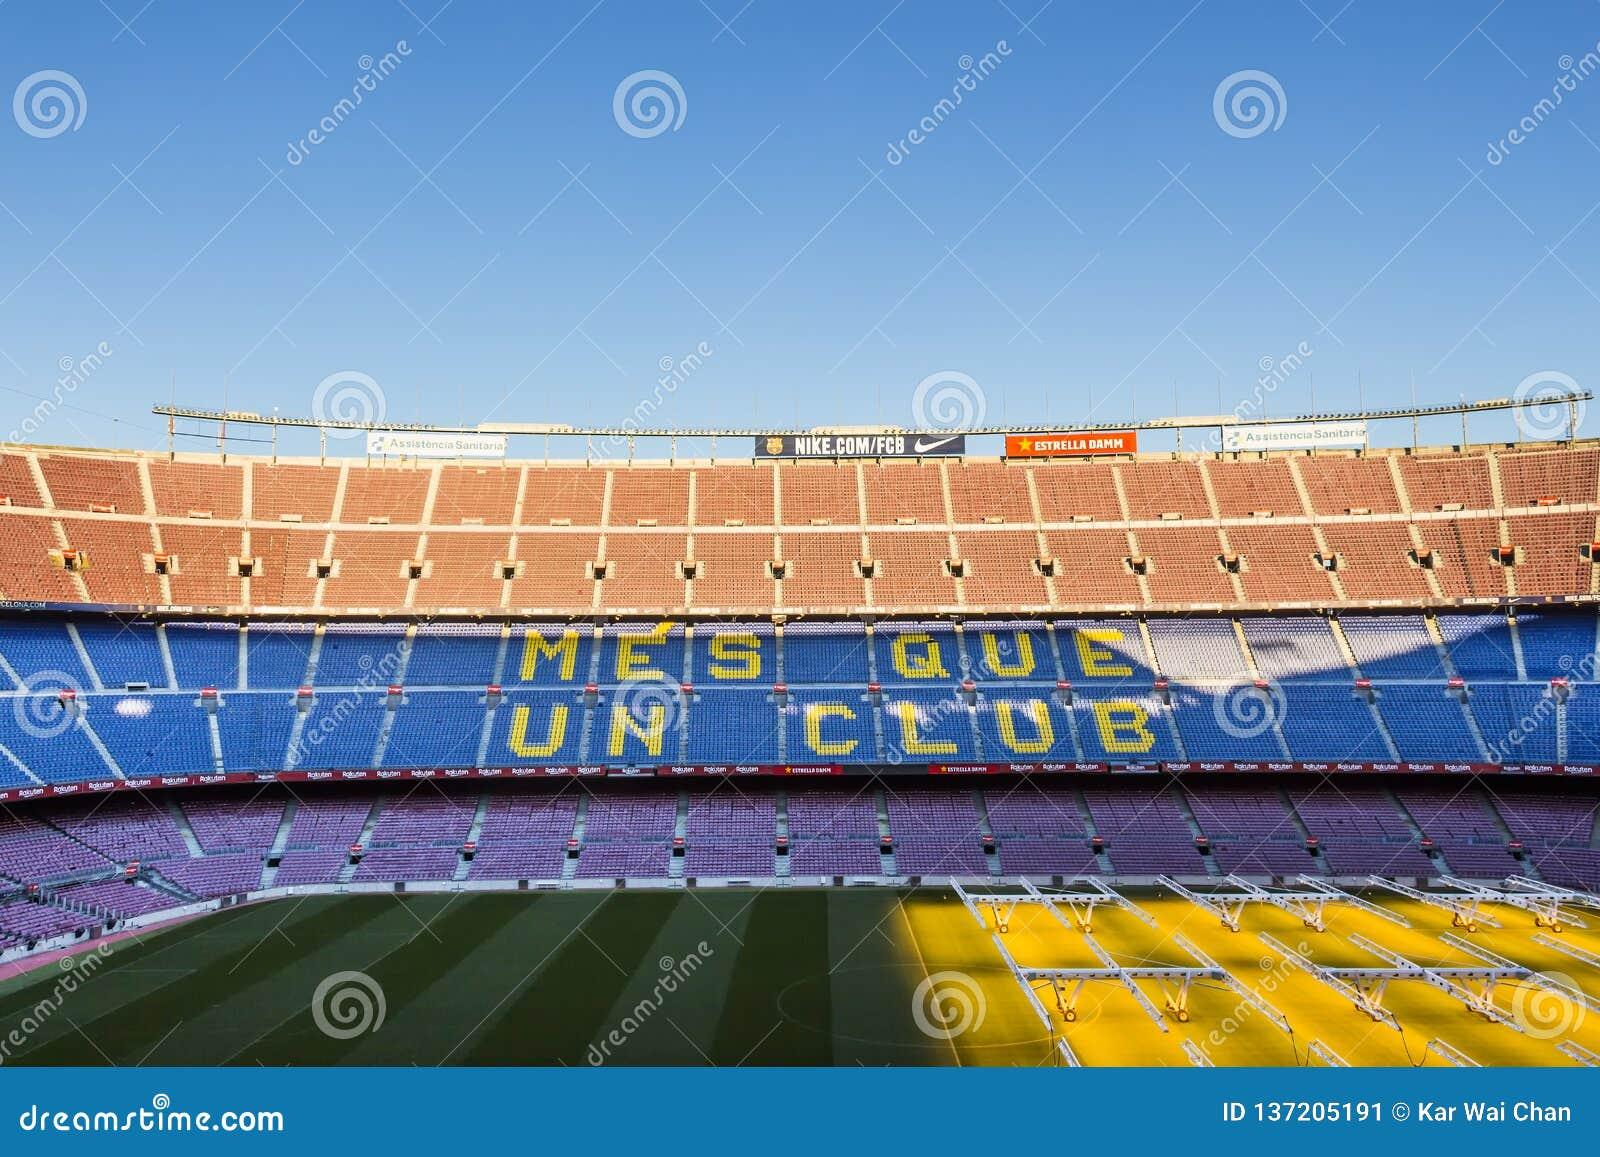 Dentro Do Estadio Da Casa De Camp Nou Do Fc Barcelona Do Estadio O Maior Na Espanha E Da Europa Foto Editorial Imagem De Estadio Maior 137205191